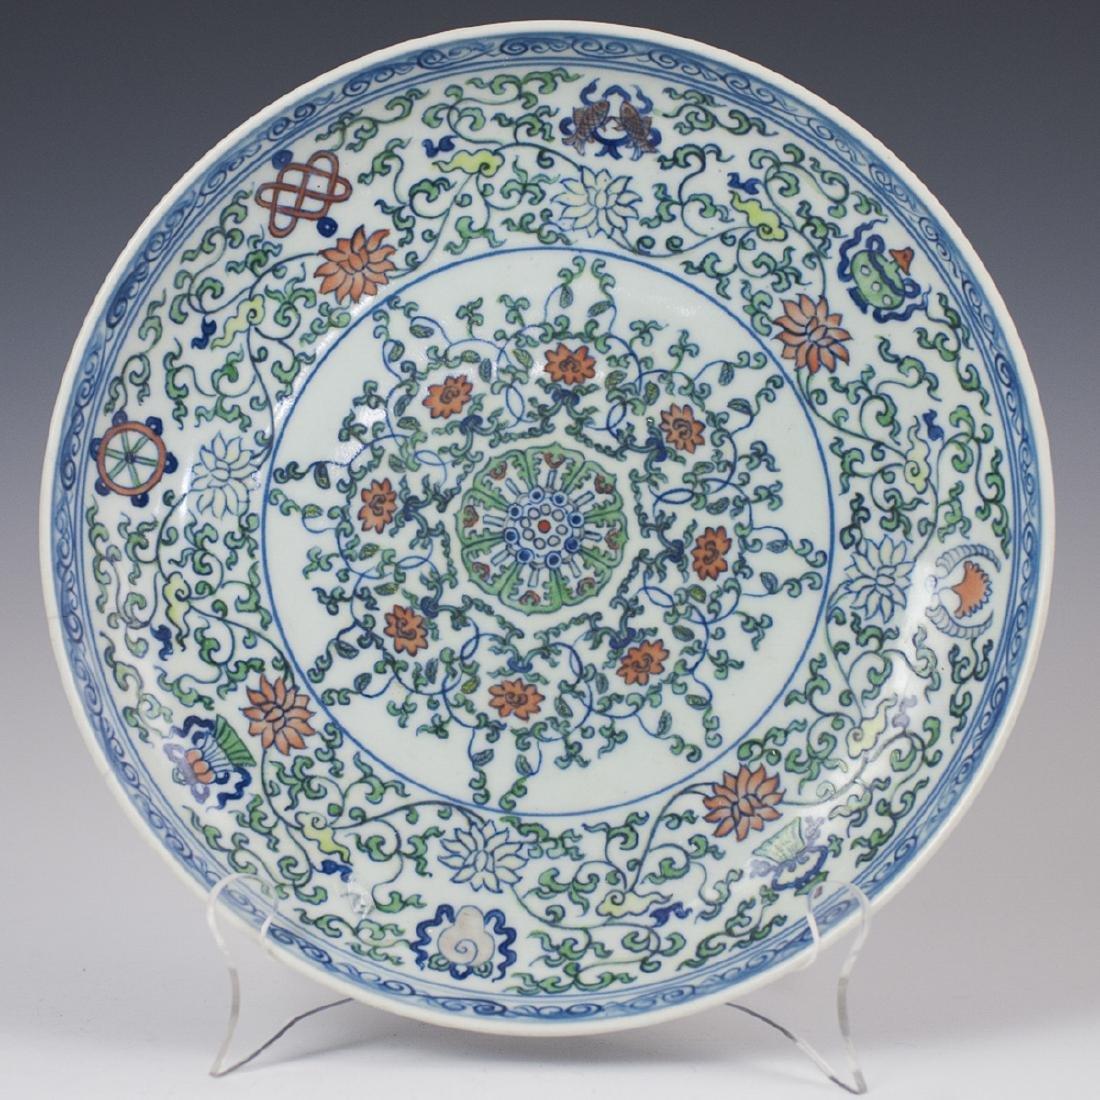 Chinese Porcelain Doucai Glazed Bowl